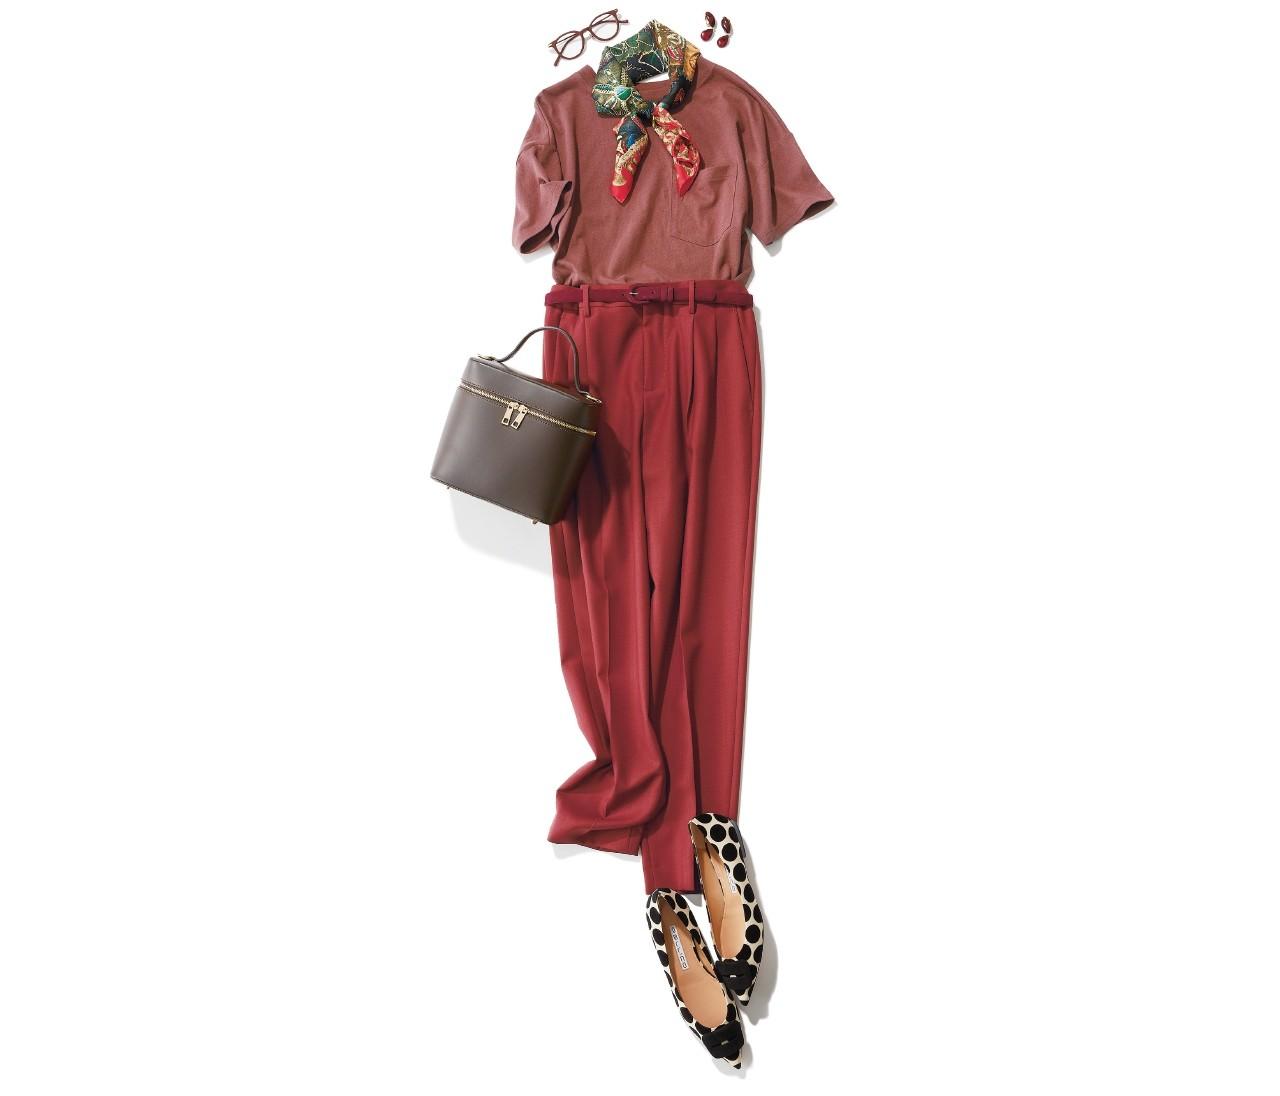 いち早く秋を取り入れたいなら「赤みブラウン」を色っぽく着る。